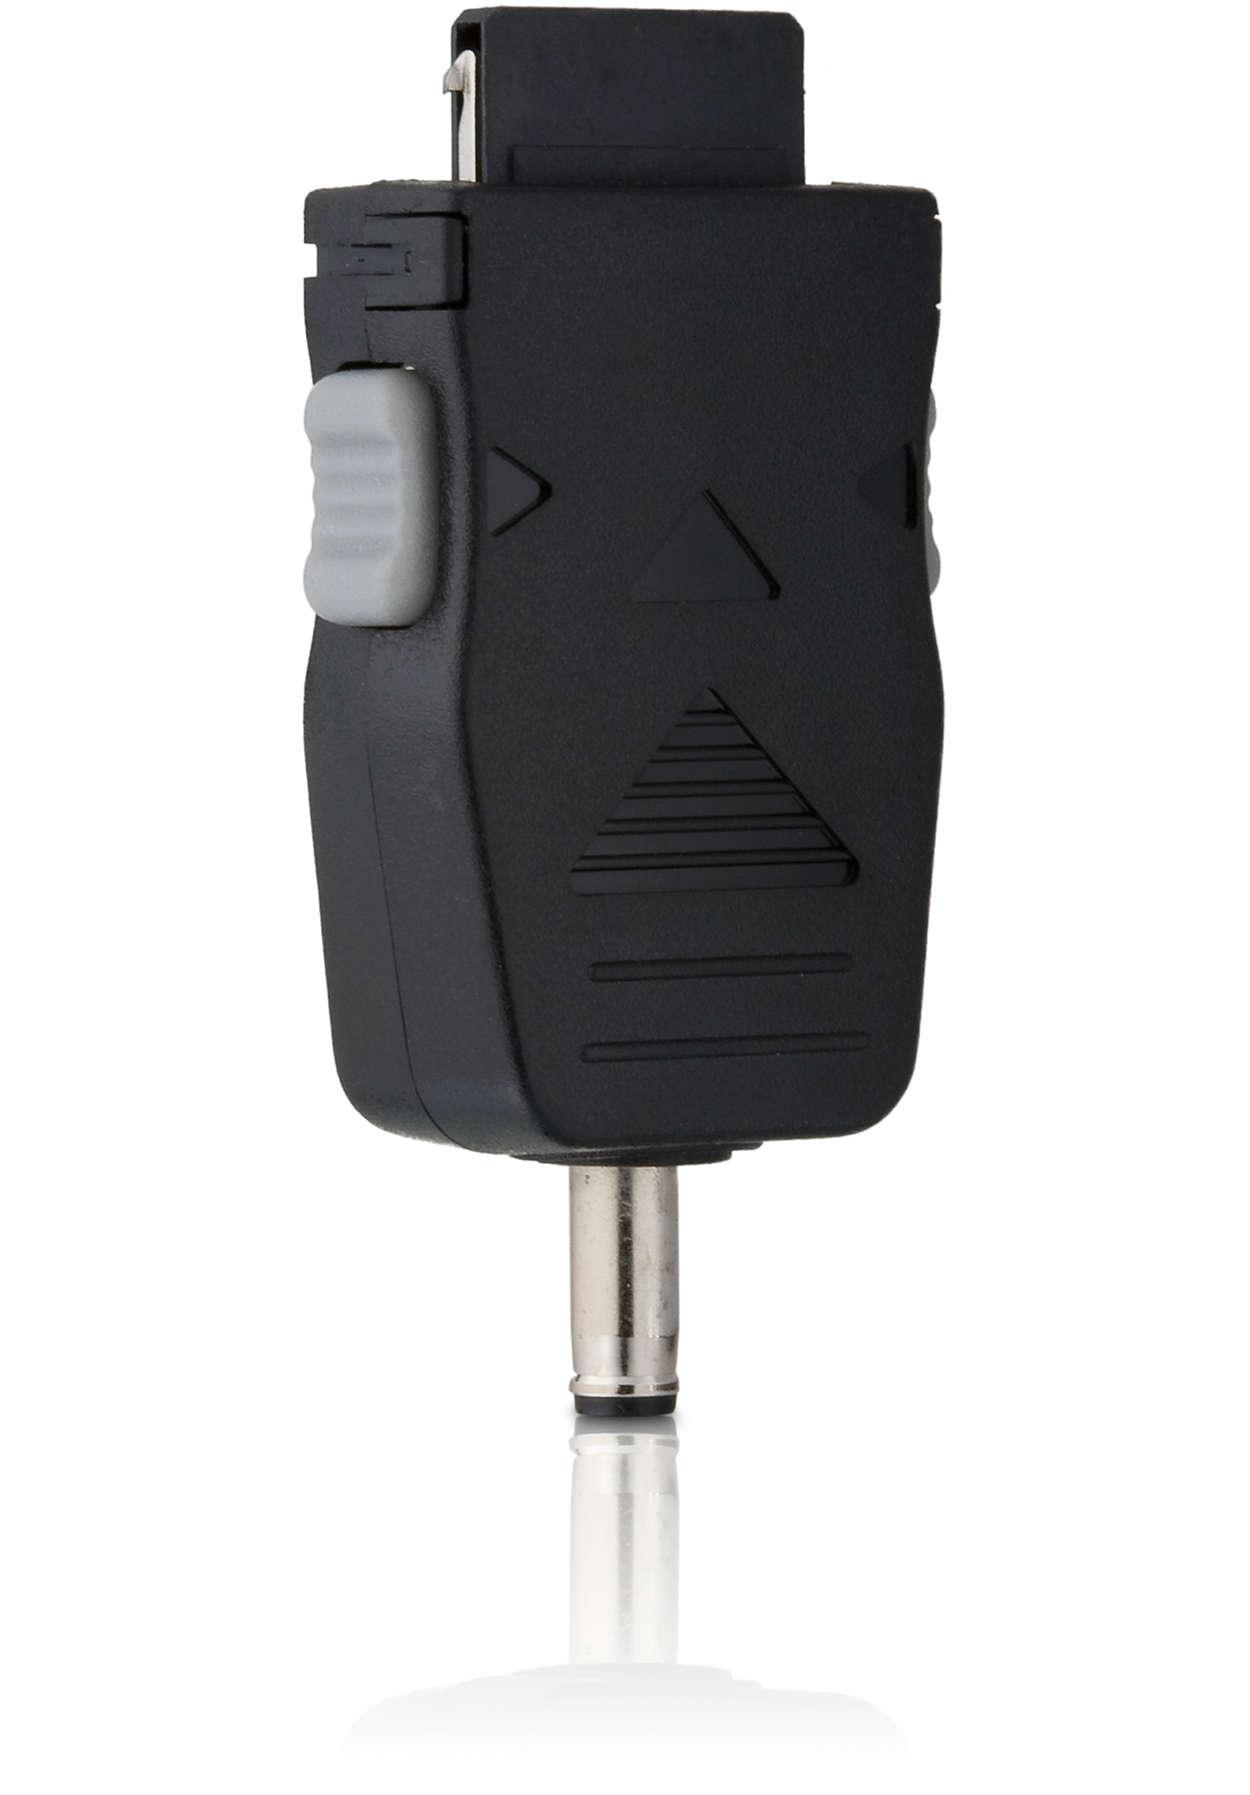 Connecteur pour téléphones Samsung (a)